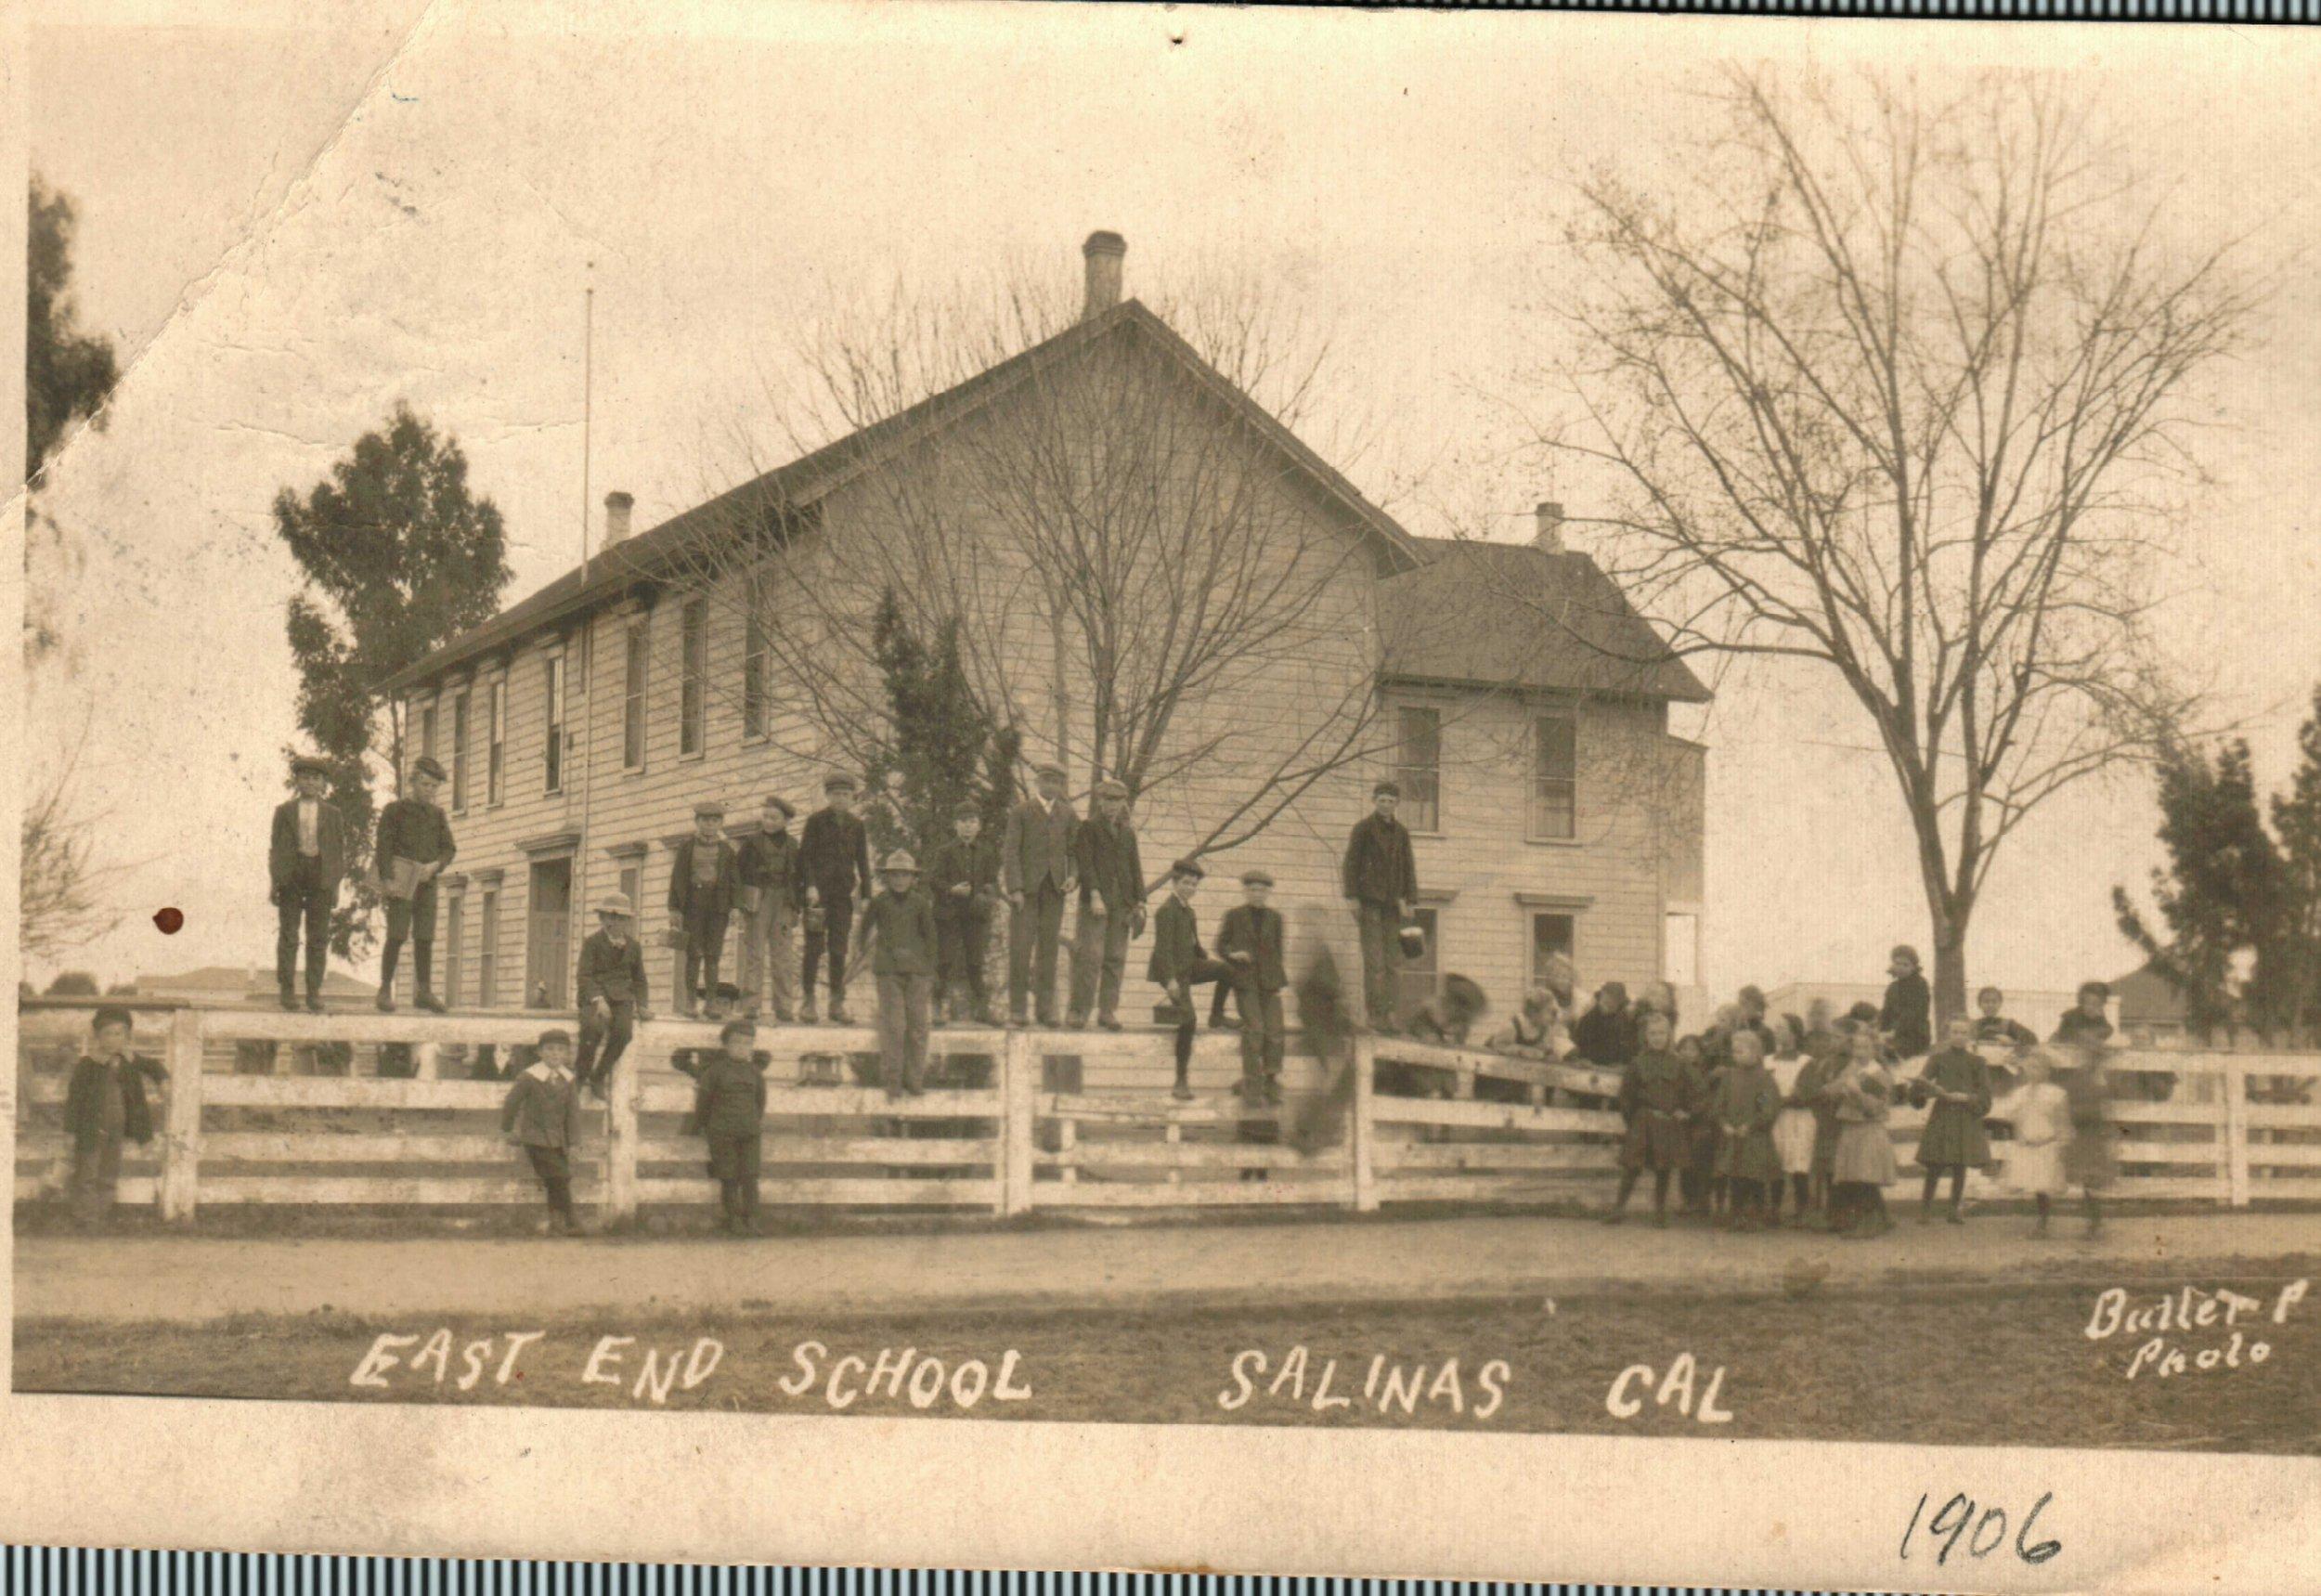 1906_East End School.JPG